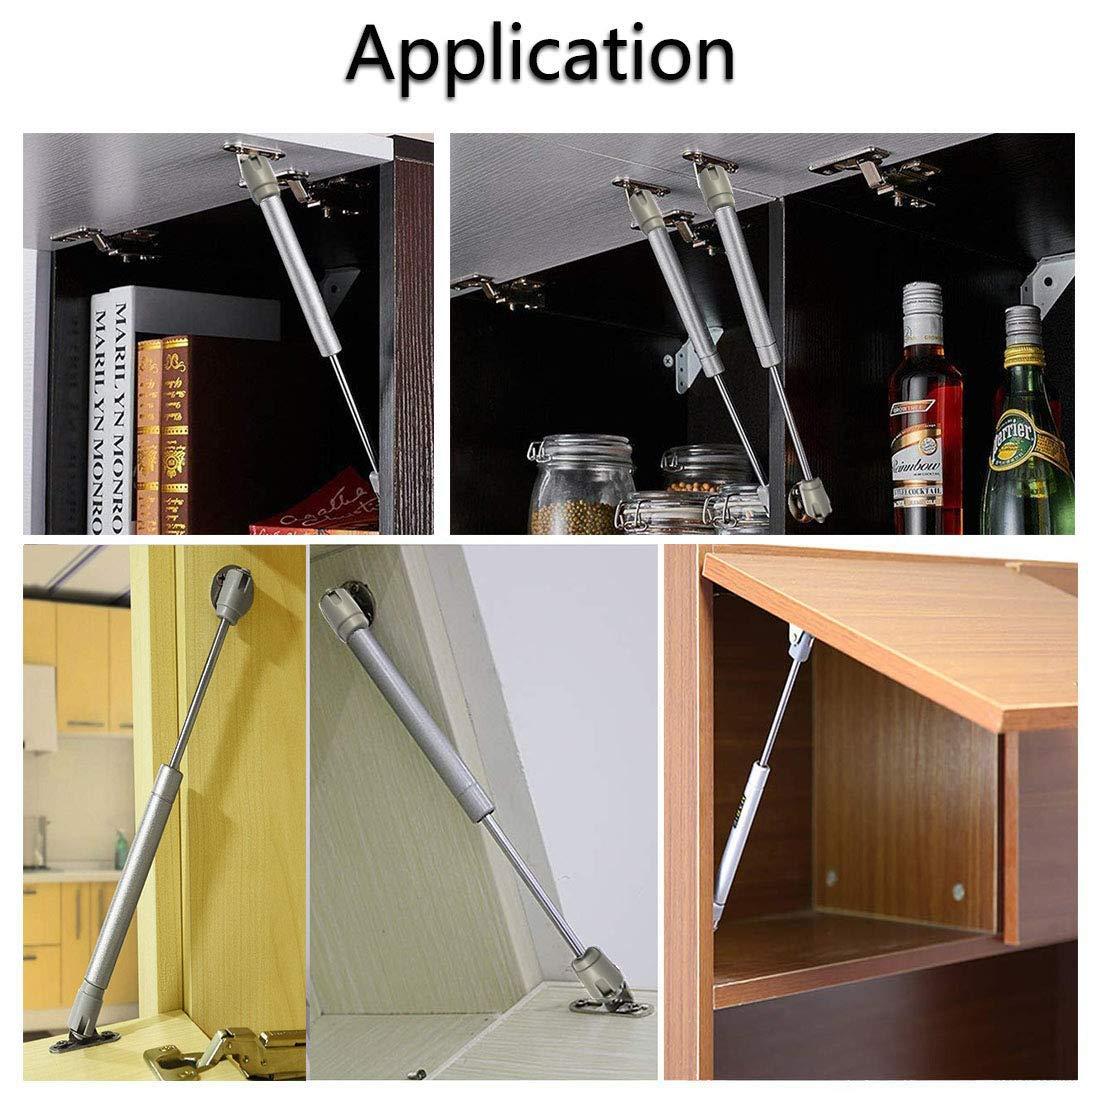 10kg 270mm Bisagras Resortes Armario con Tornillos 4pcs Pistones a Gas Muebles Cocina Amortiguador Puertas Elevables 100N